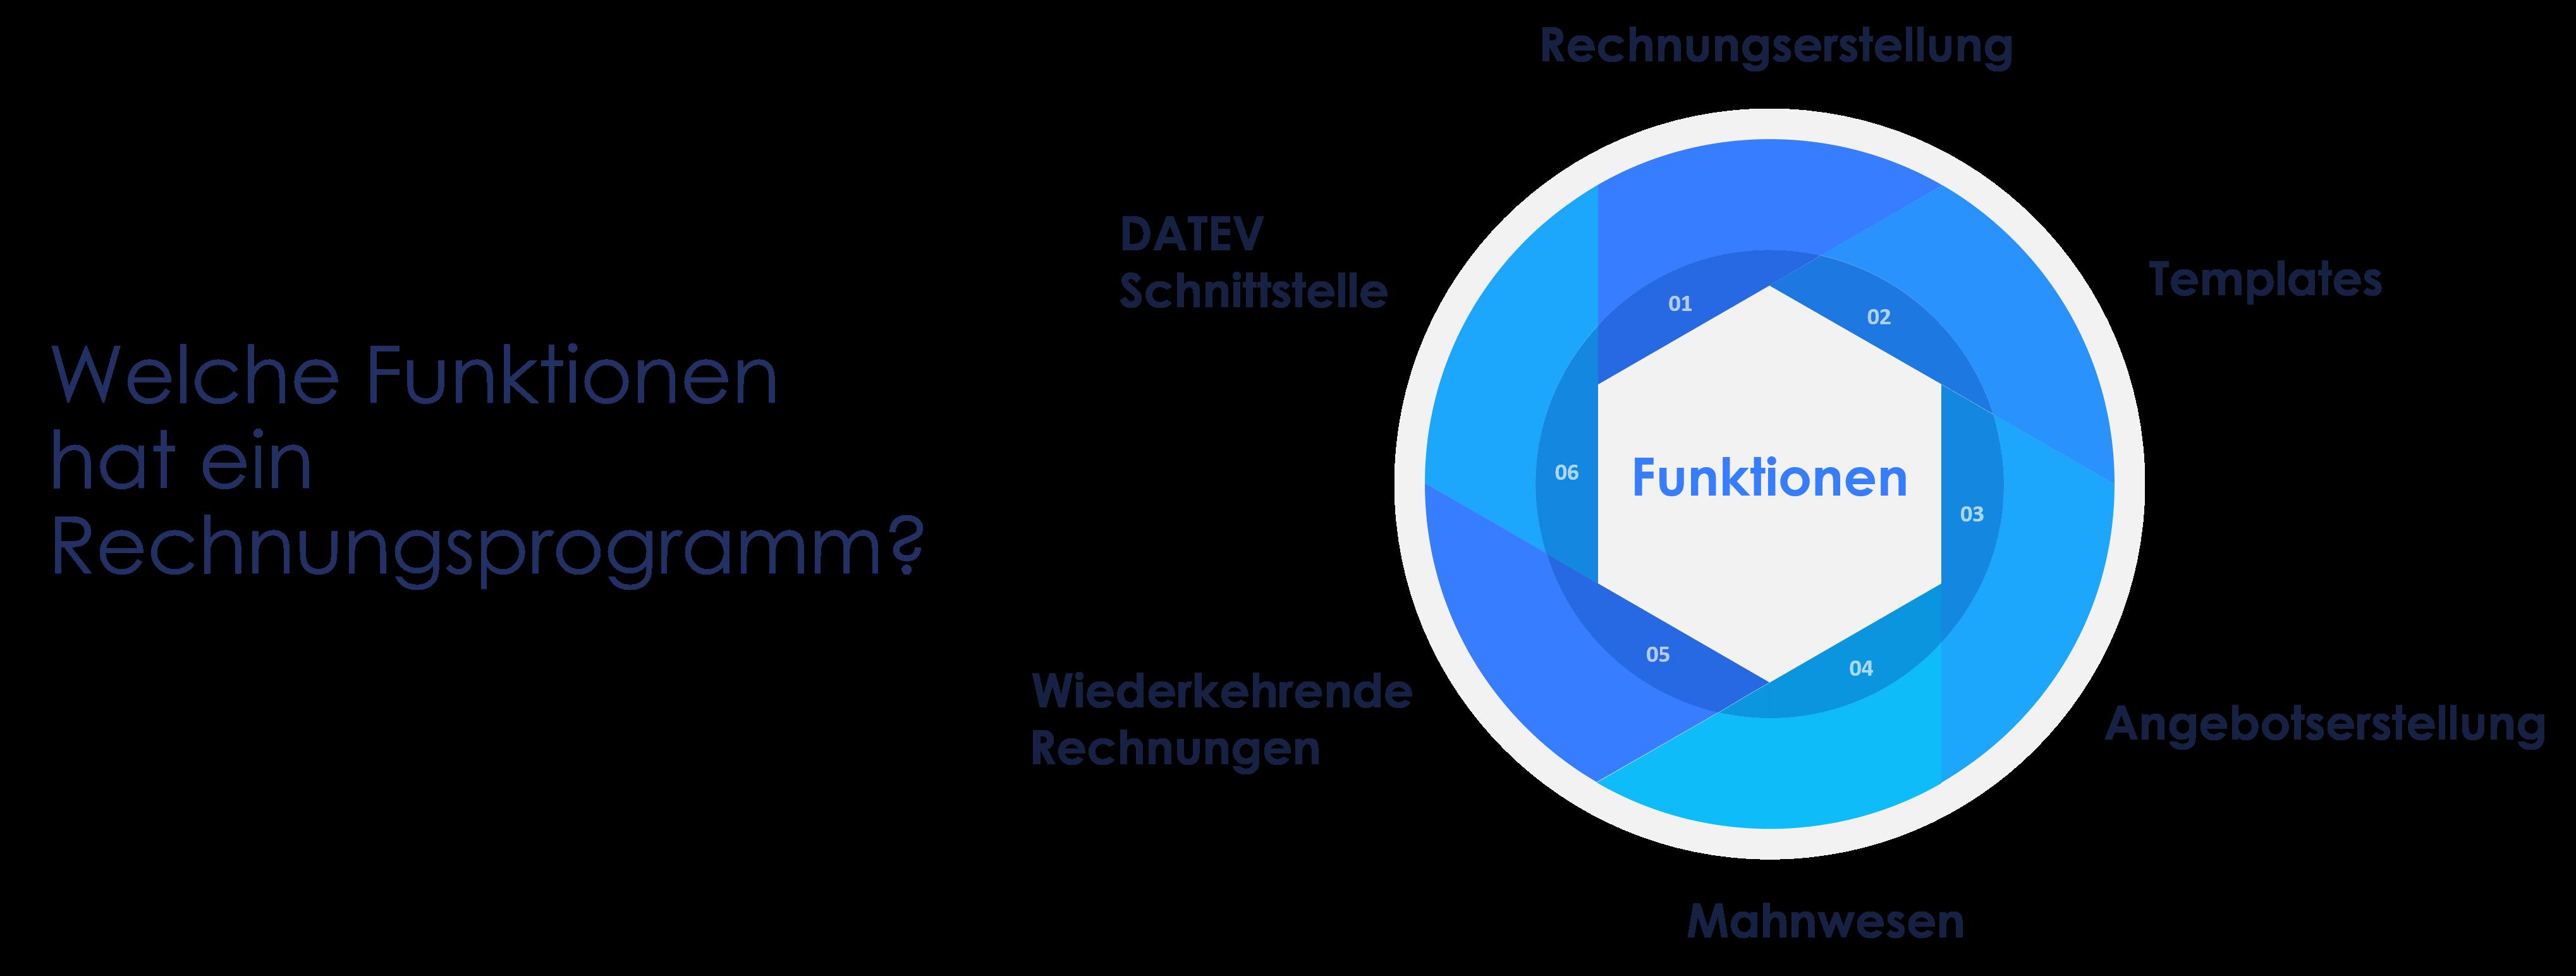 Darstellung - Funktionen eines Rechnungsprogramms